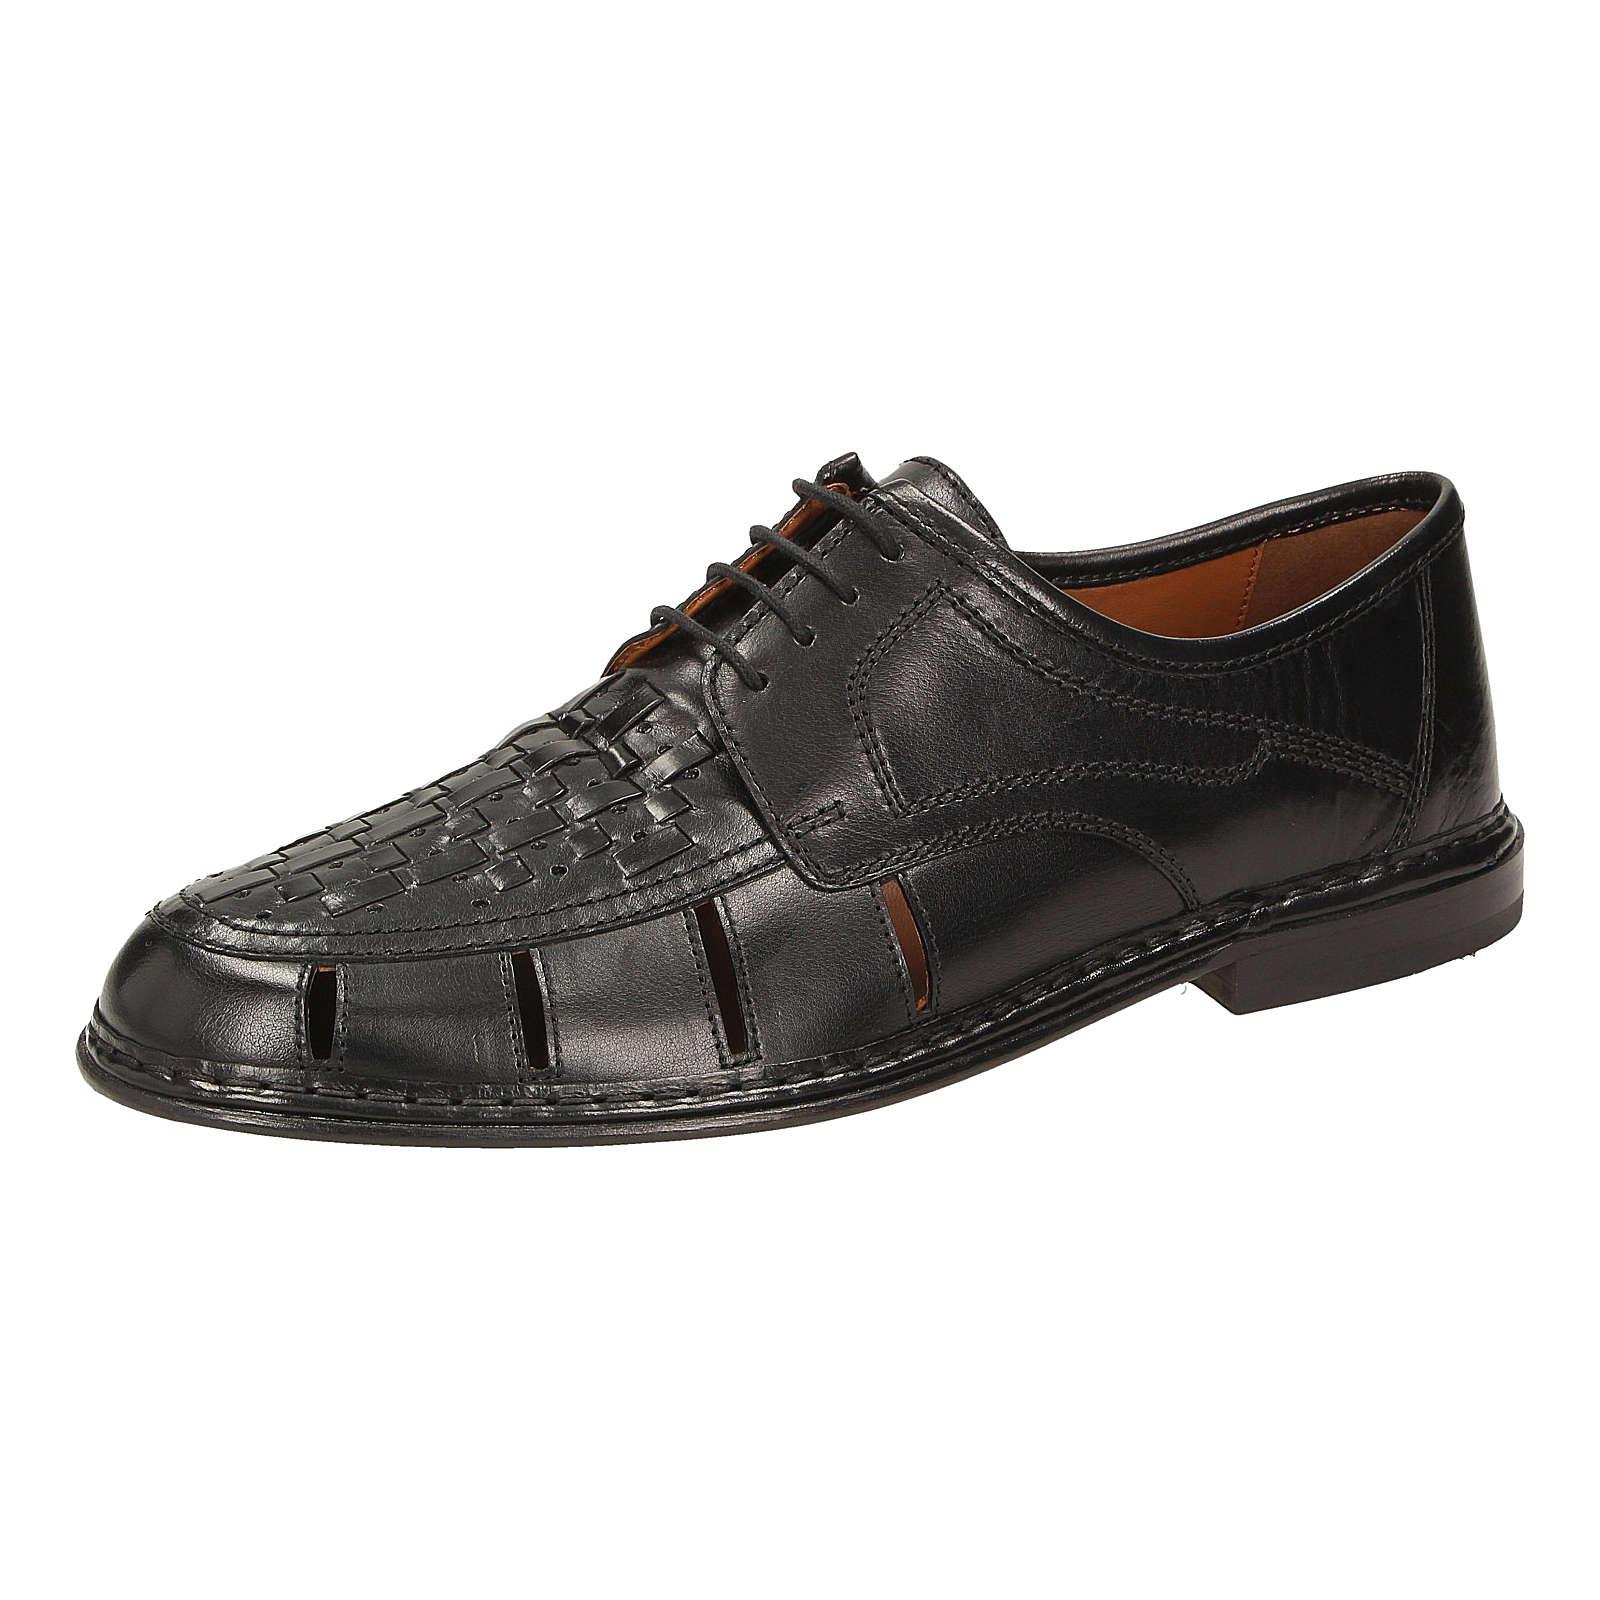 Sioux Aleson Freizeit Schuhe schwarz Herren Gr. 41